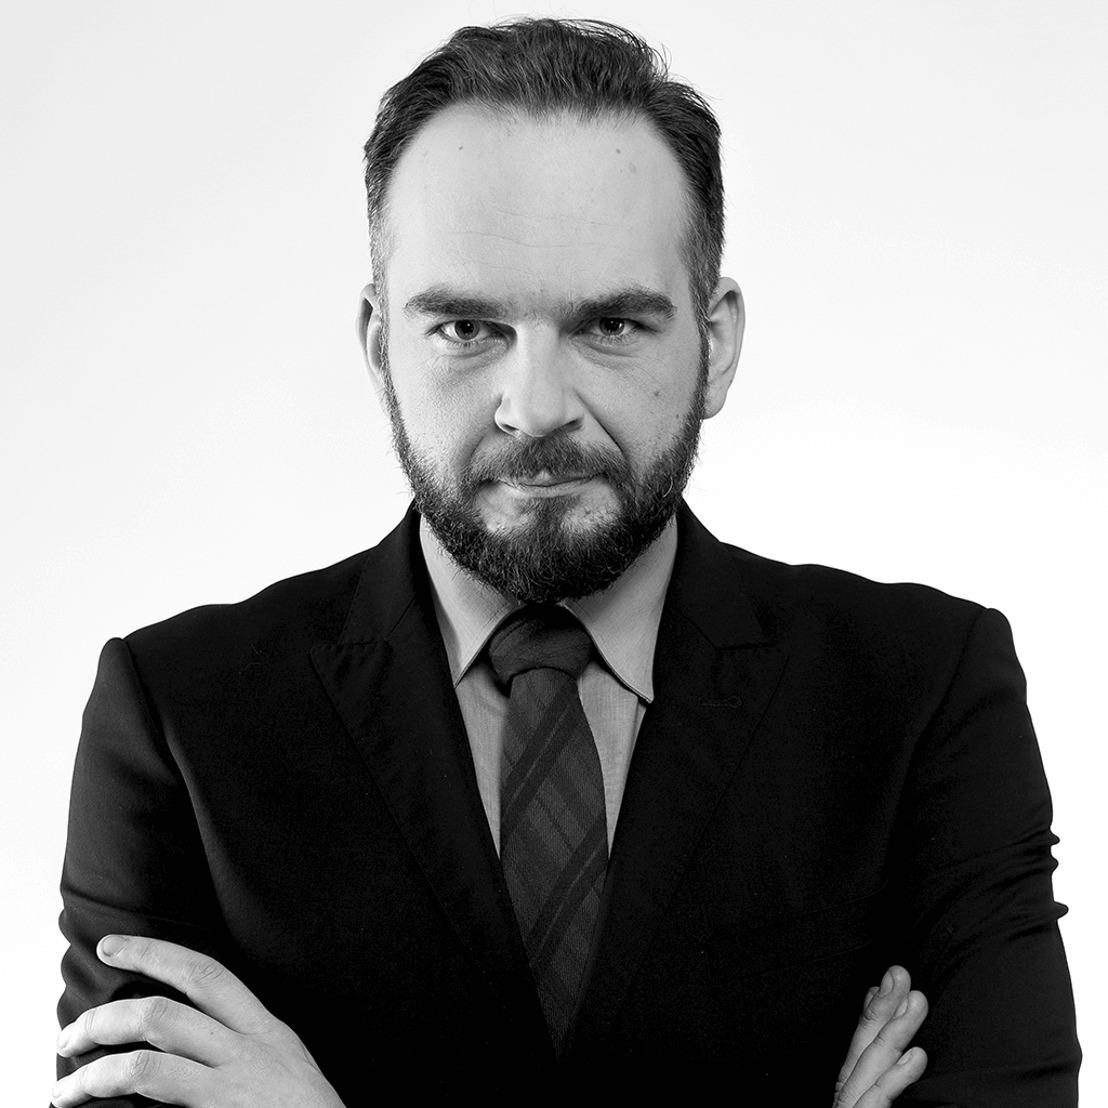 Себастиян Степак, главен изпълнителен директор на MSL за ЦИЕ, за очакванията на клиентите за бързи решения до дни и за надежден партньор с голяма експертиза